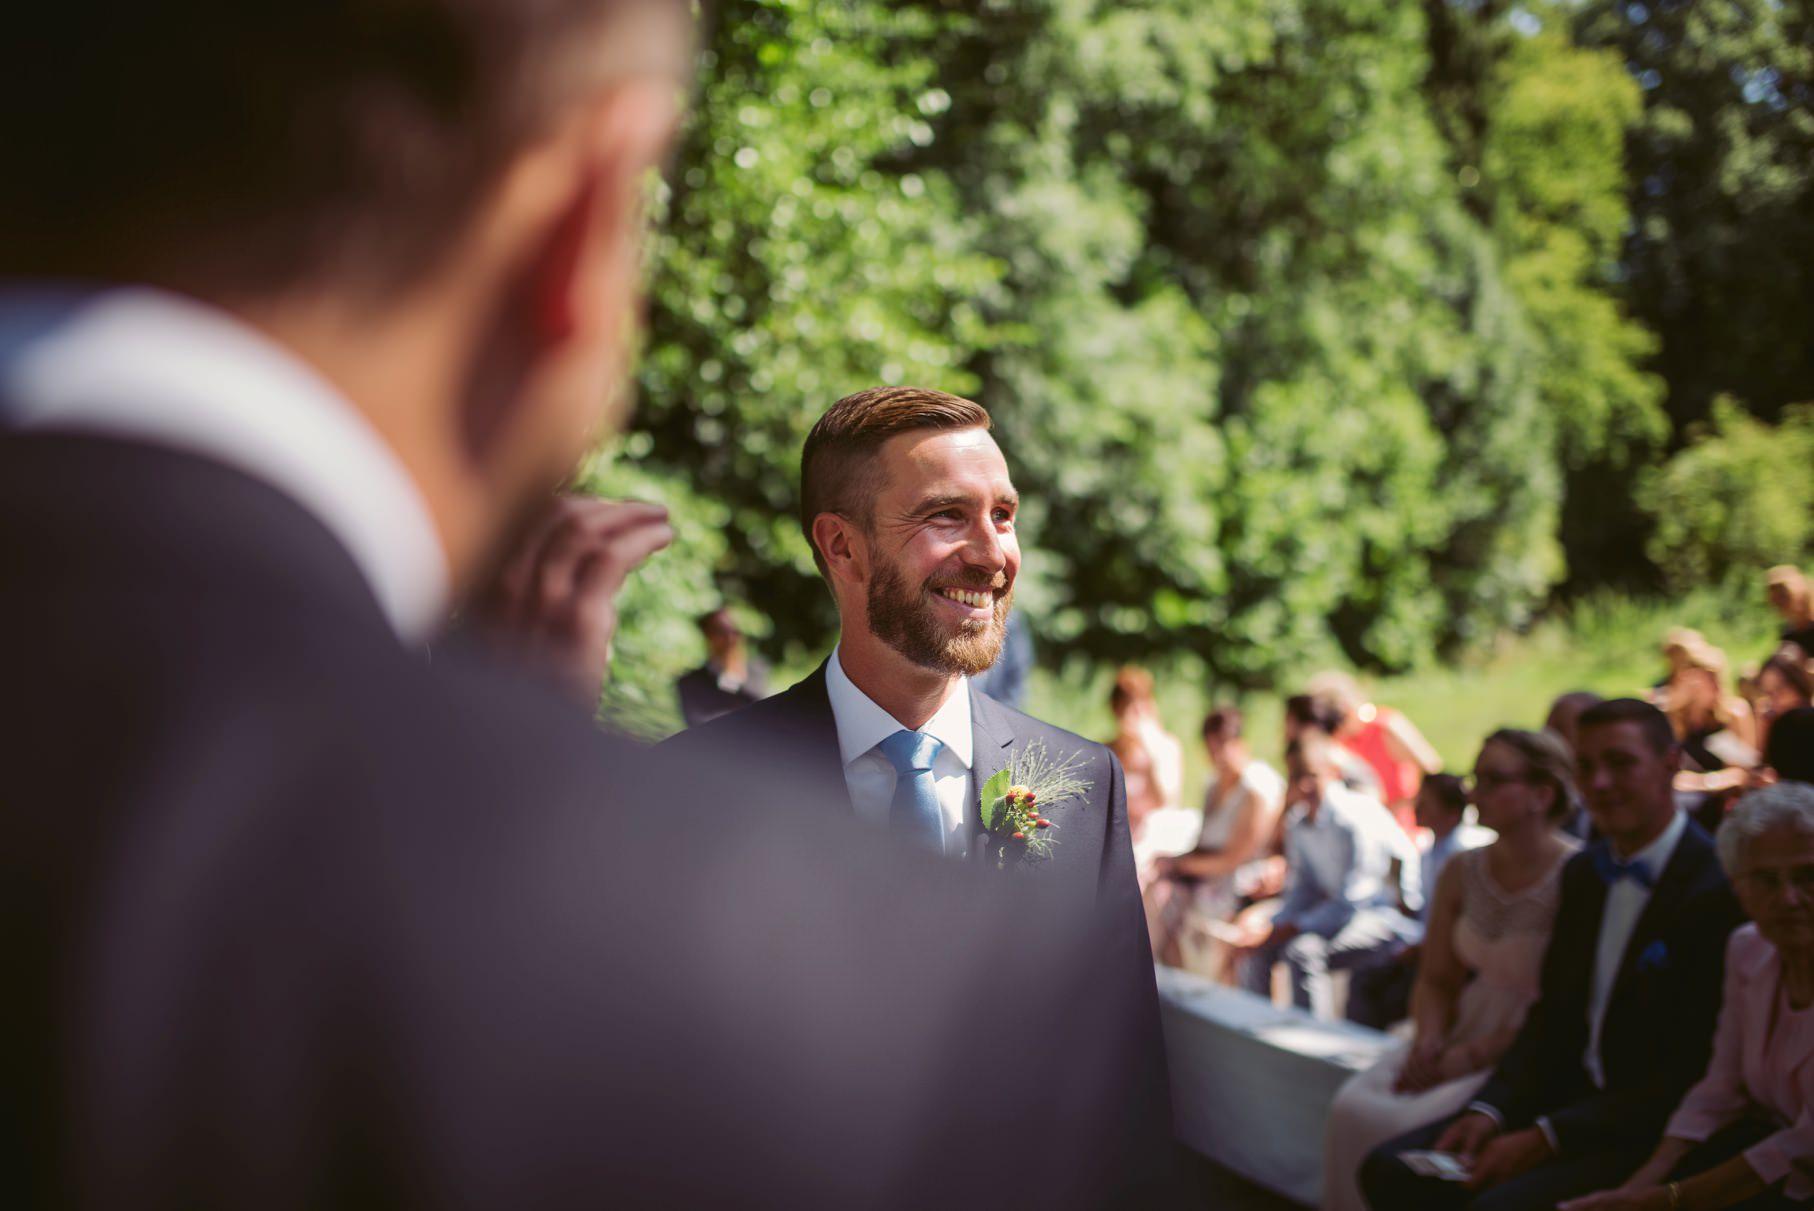 0031 schloss neuhausen hochzeitsfotograf hamburg anne bjoern - Hochzeit auf Schloss Neuhausen - Anne & Sebastian